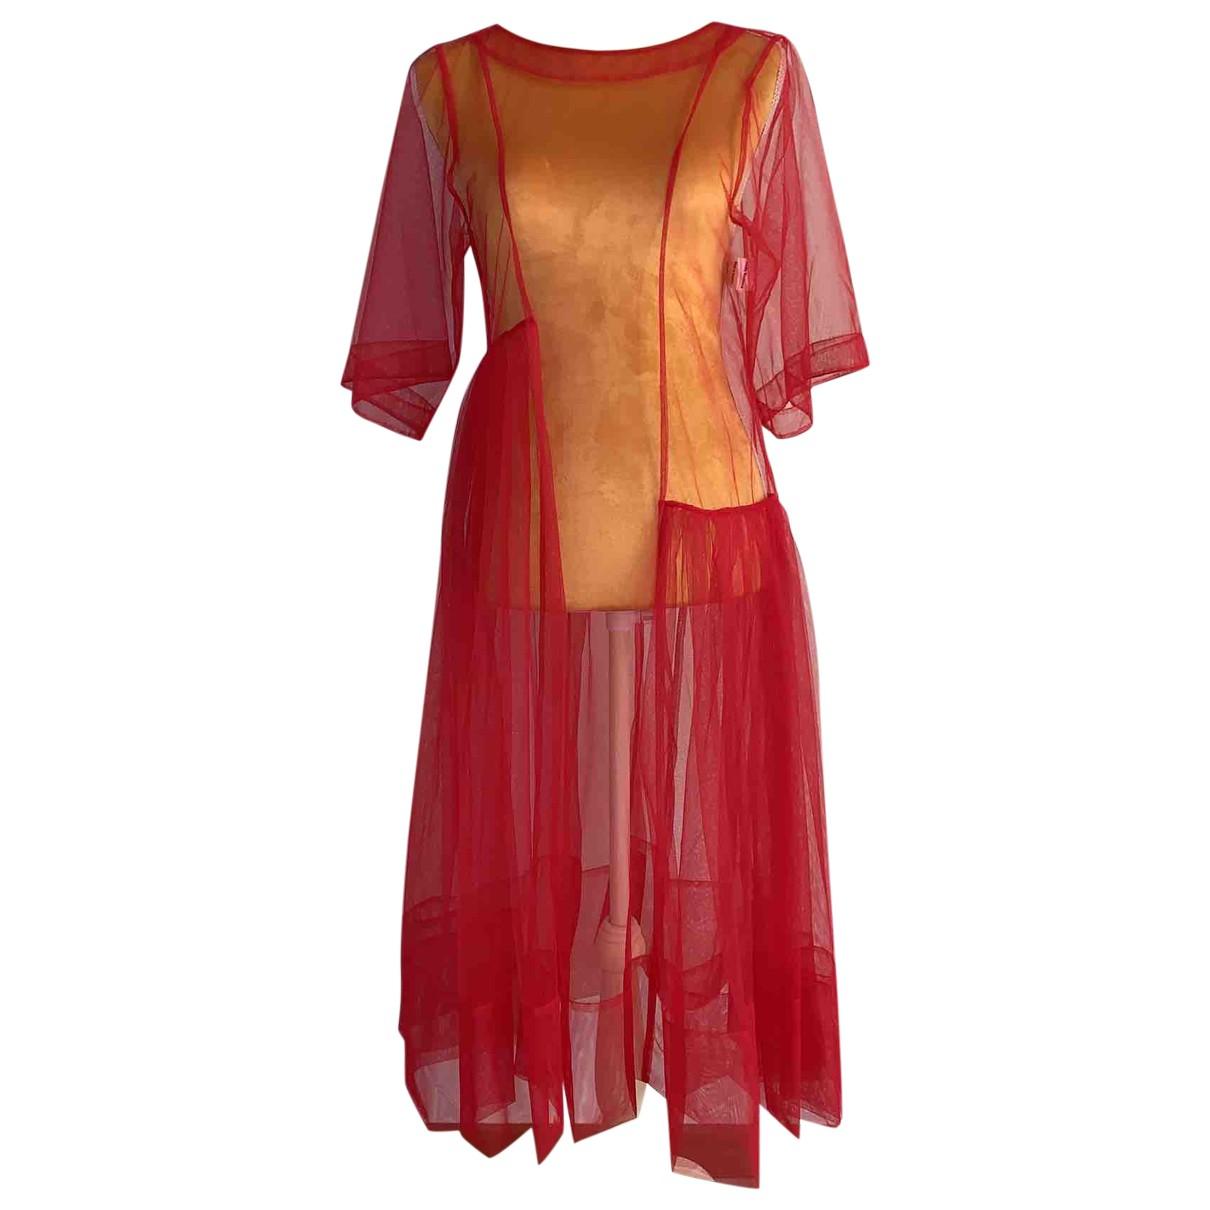 Molly Goddard \N Red dress for Women 8 UK